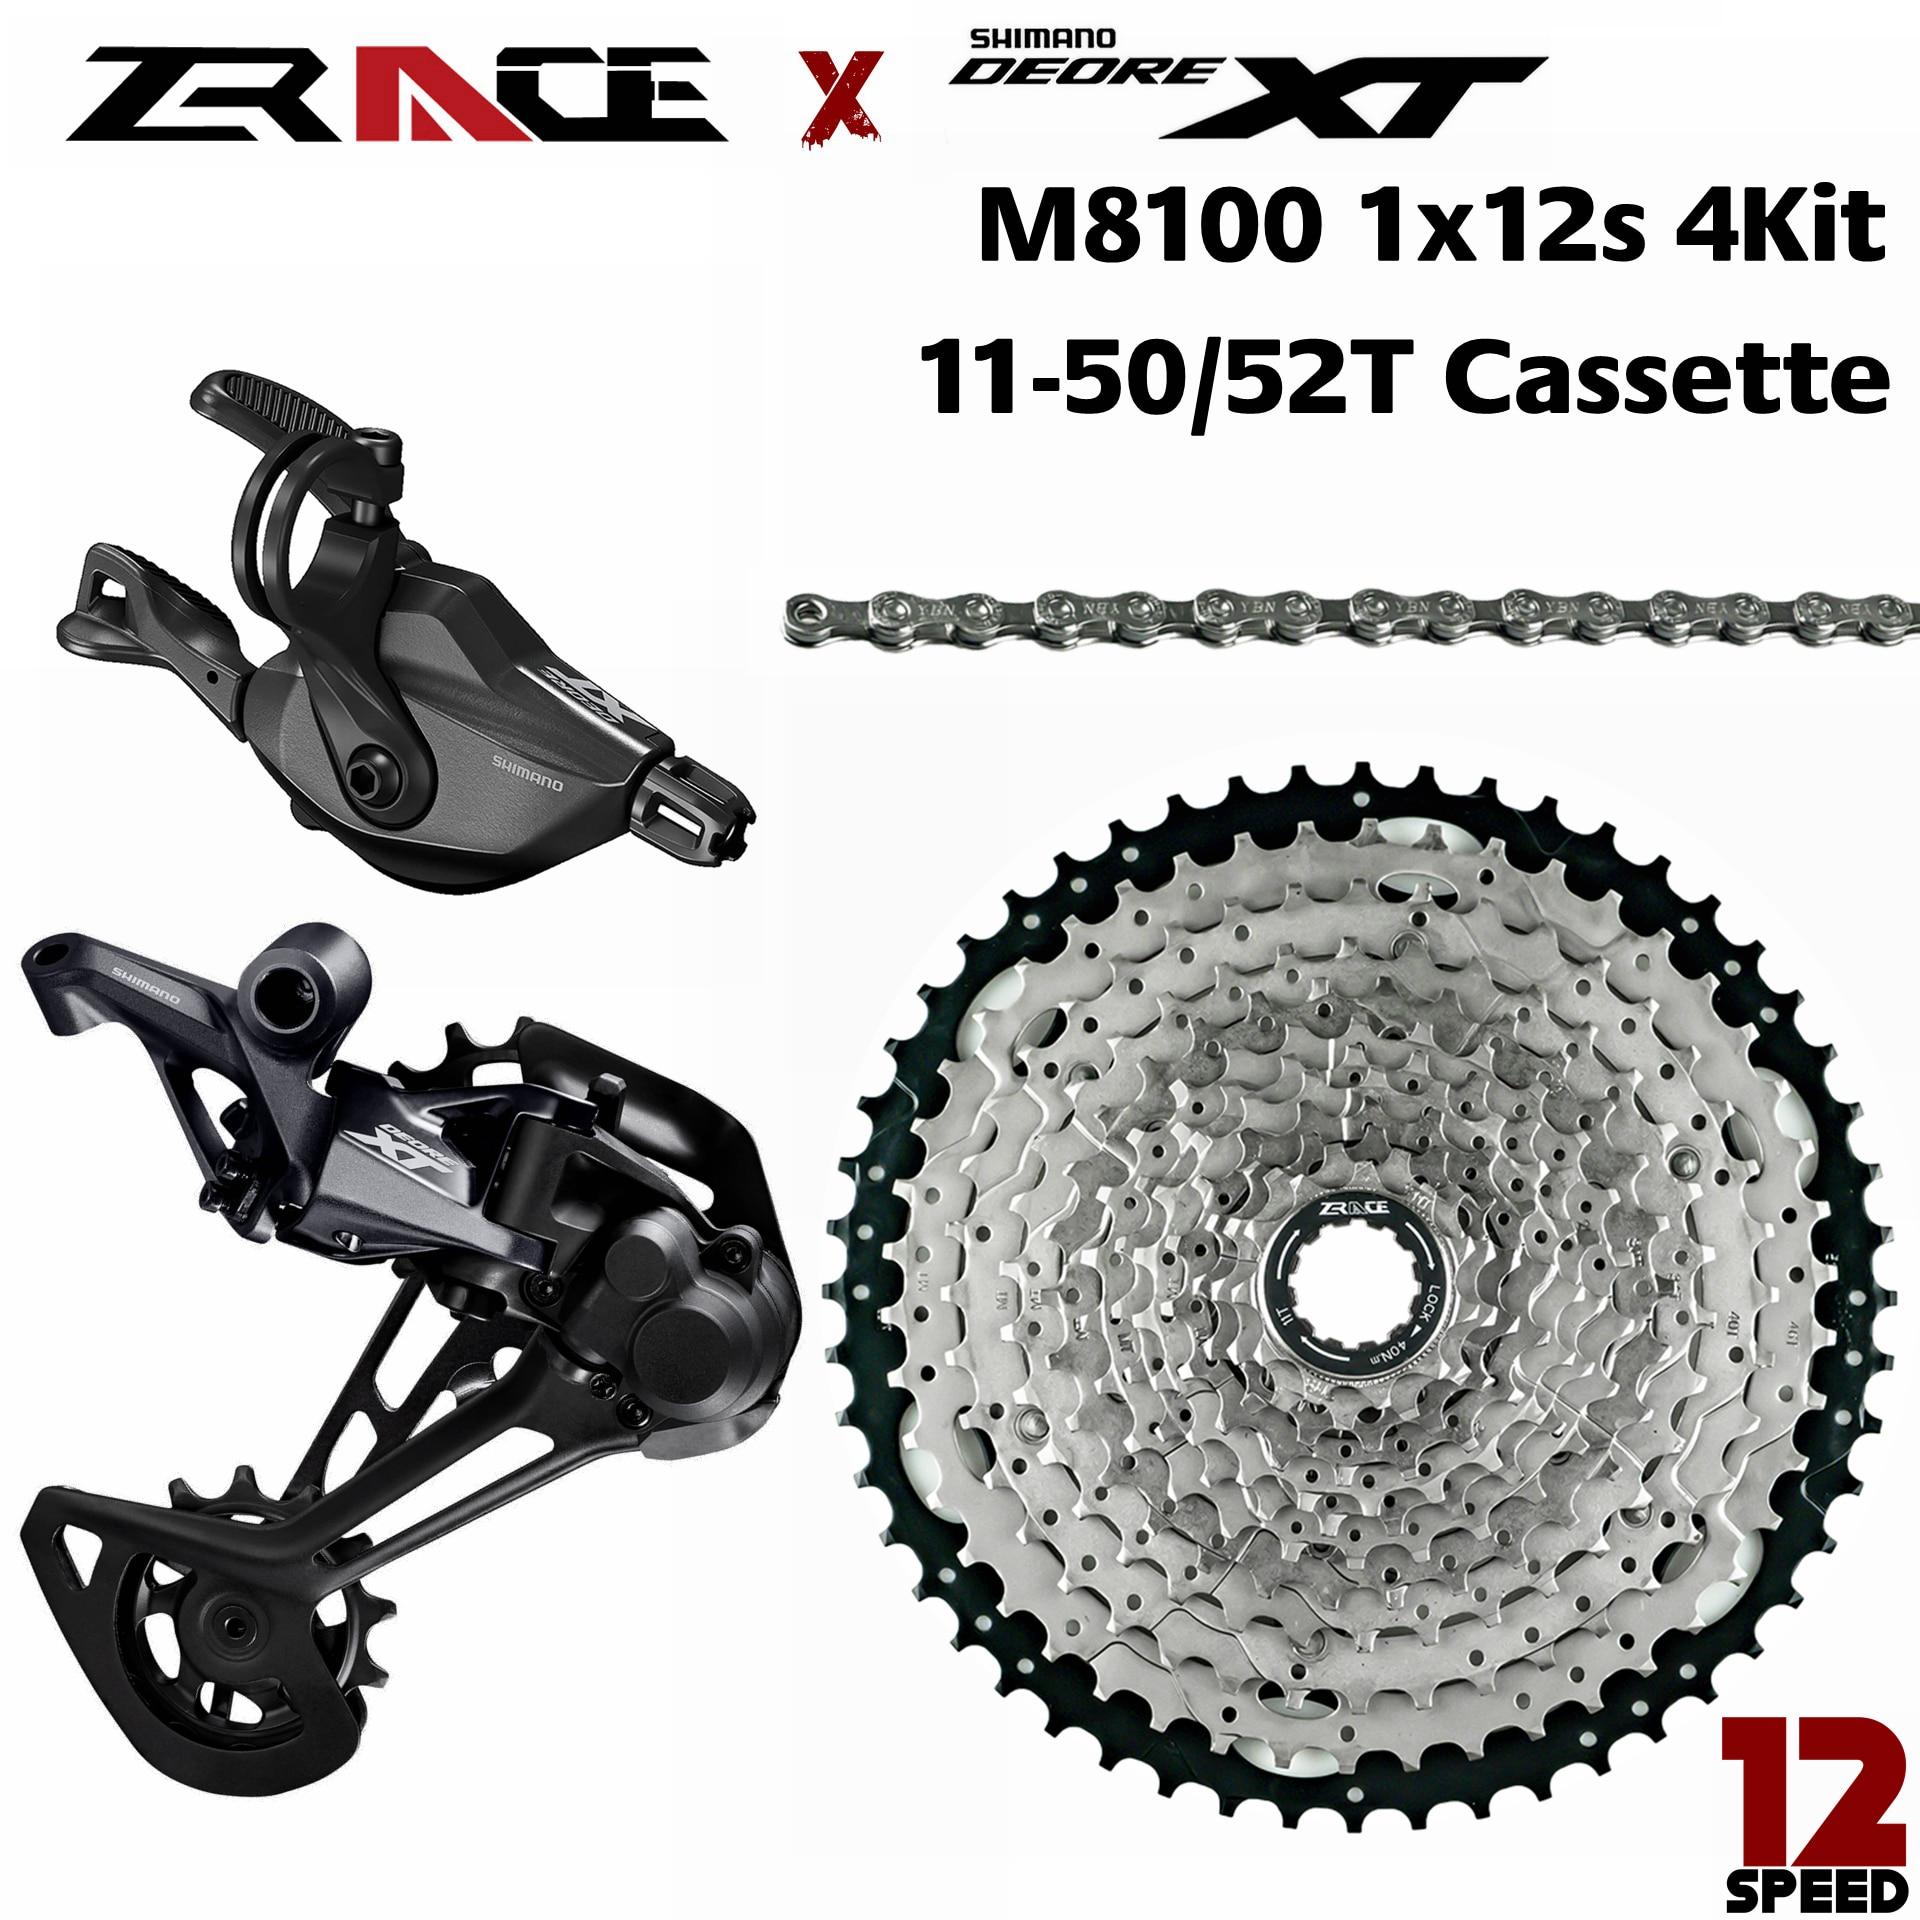 Deore XT M8100, SL-M8100-R + RD-M8100-SGS + ZRACE Cassette + ZRACE Chains - 1x12-speed,  4kit Groupset